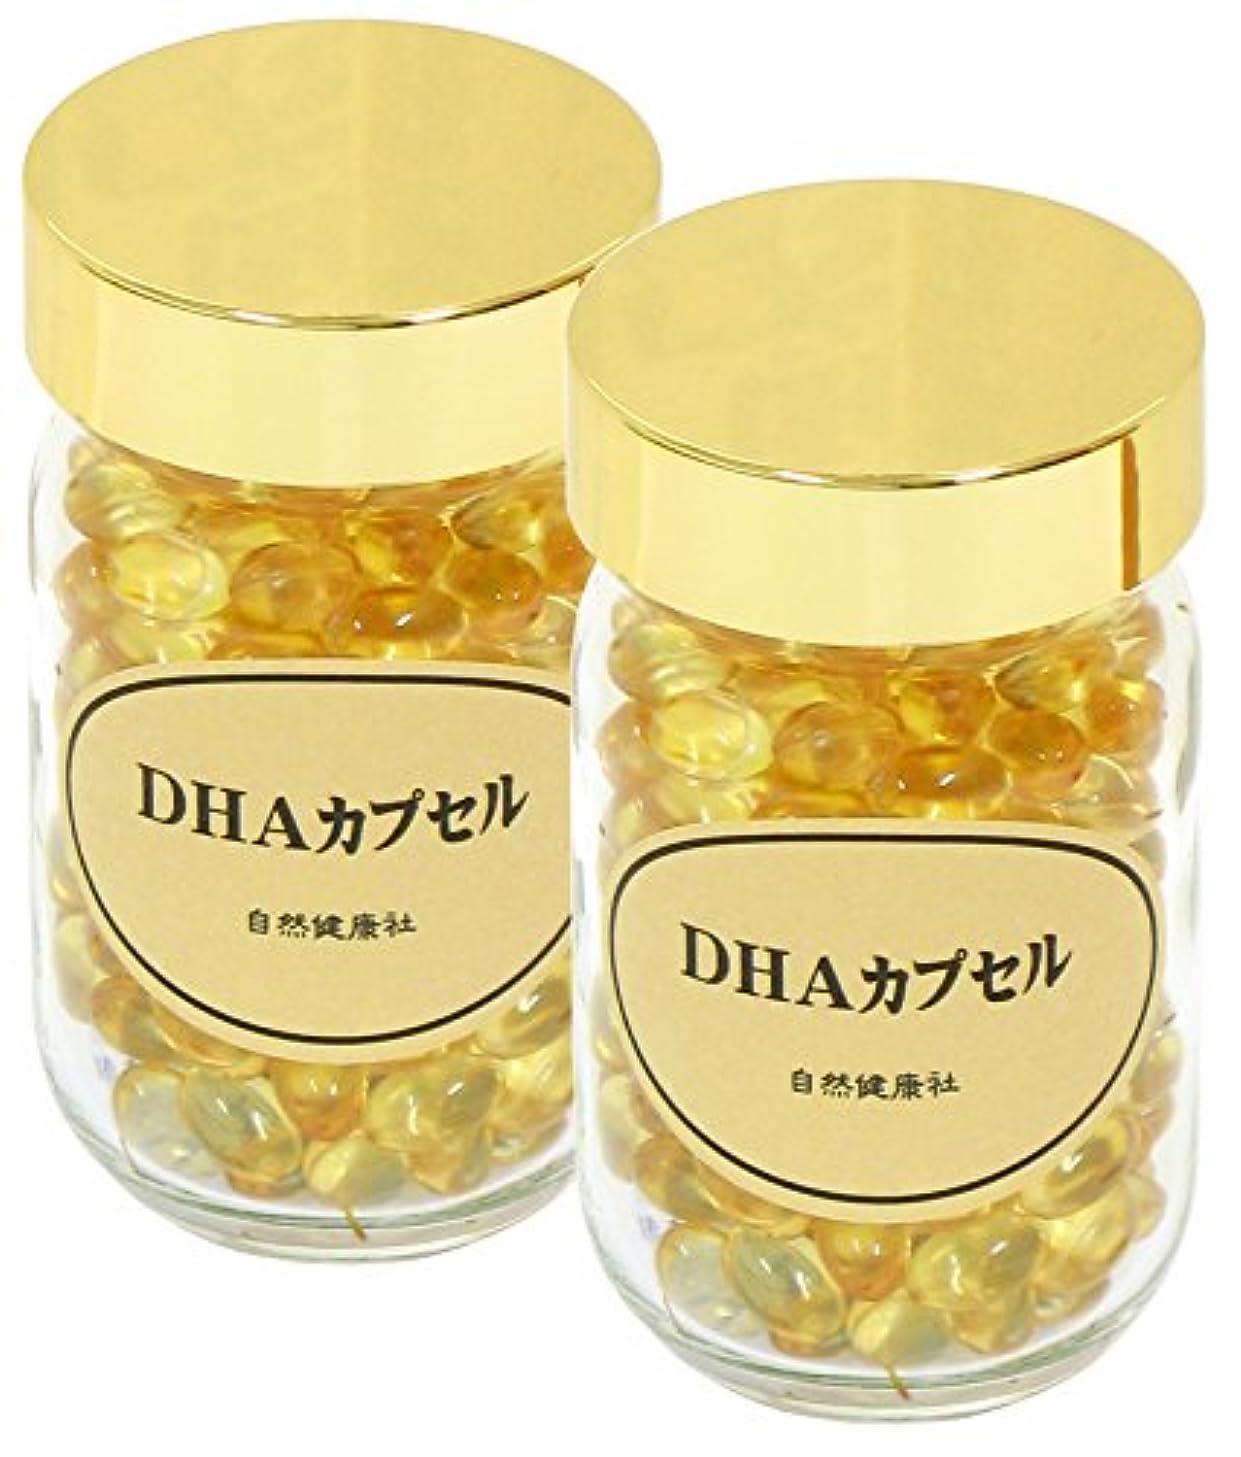 文明化提案する蒸留自然健康社 DHAカプセル 95g(460mg×206粒)×2個 ビン入り